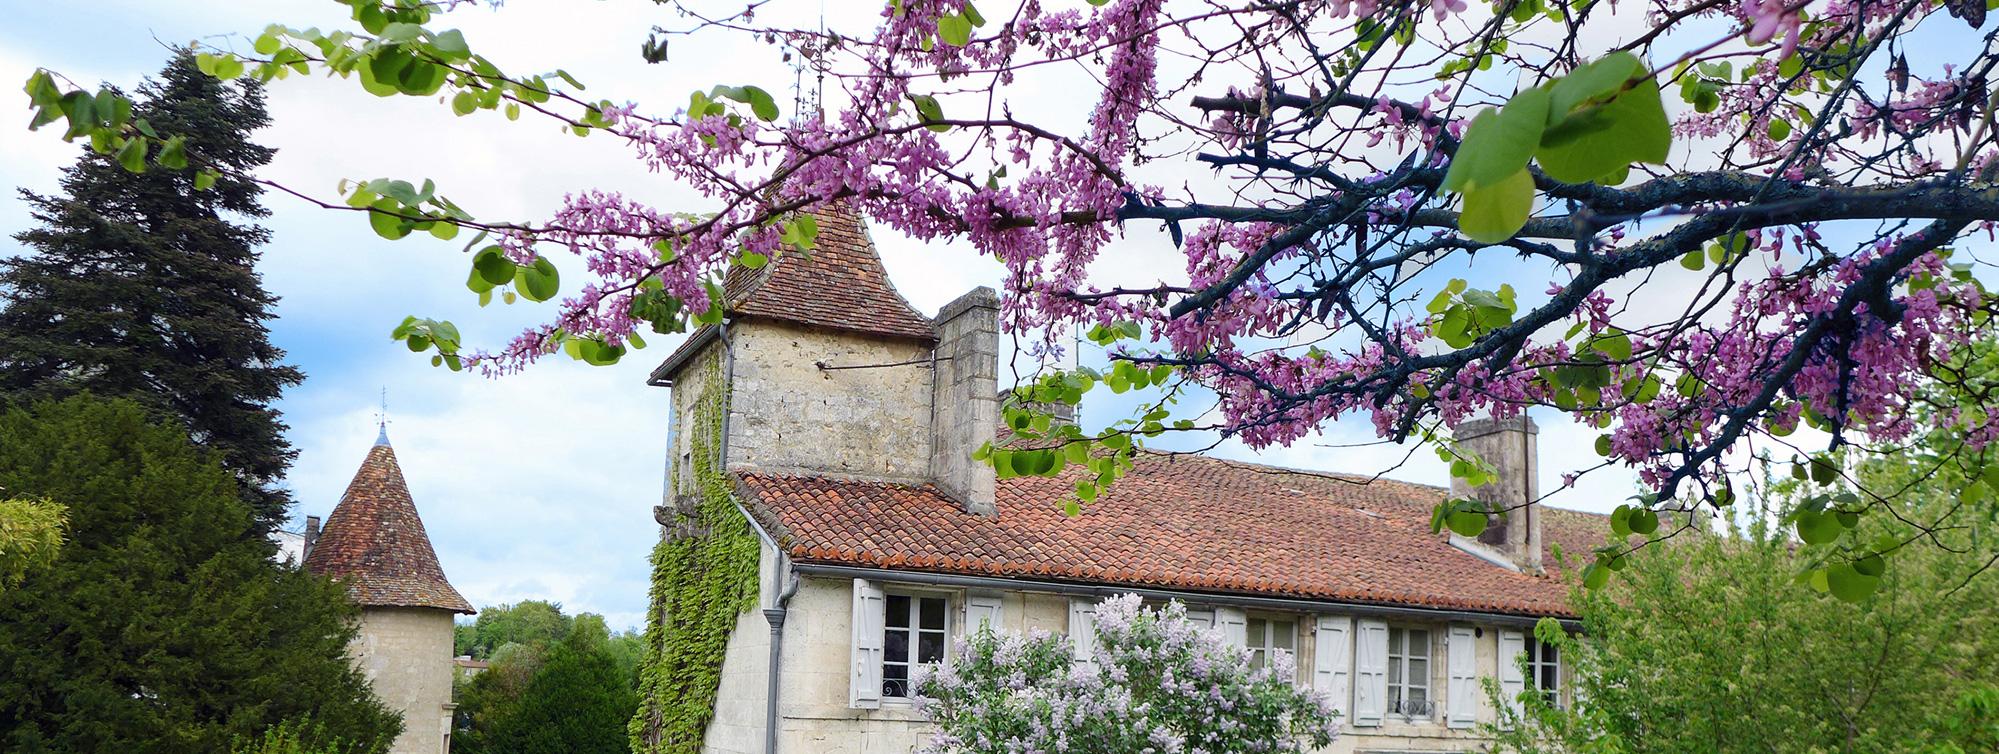 Château de Maumont - Chambres d'hôtes de charme à Magnac sur Touvre, Charente ©Chateau de Maumont